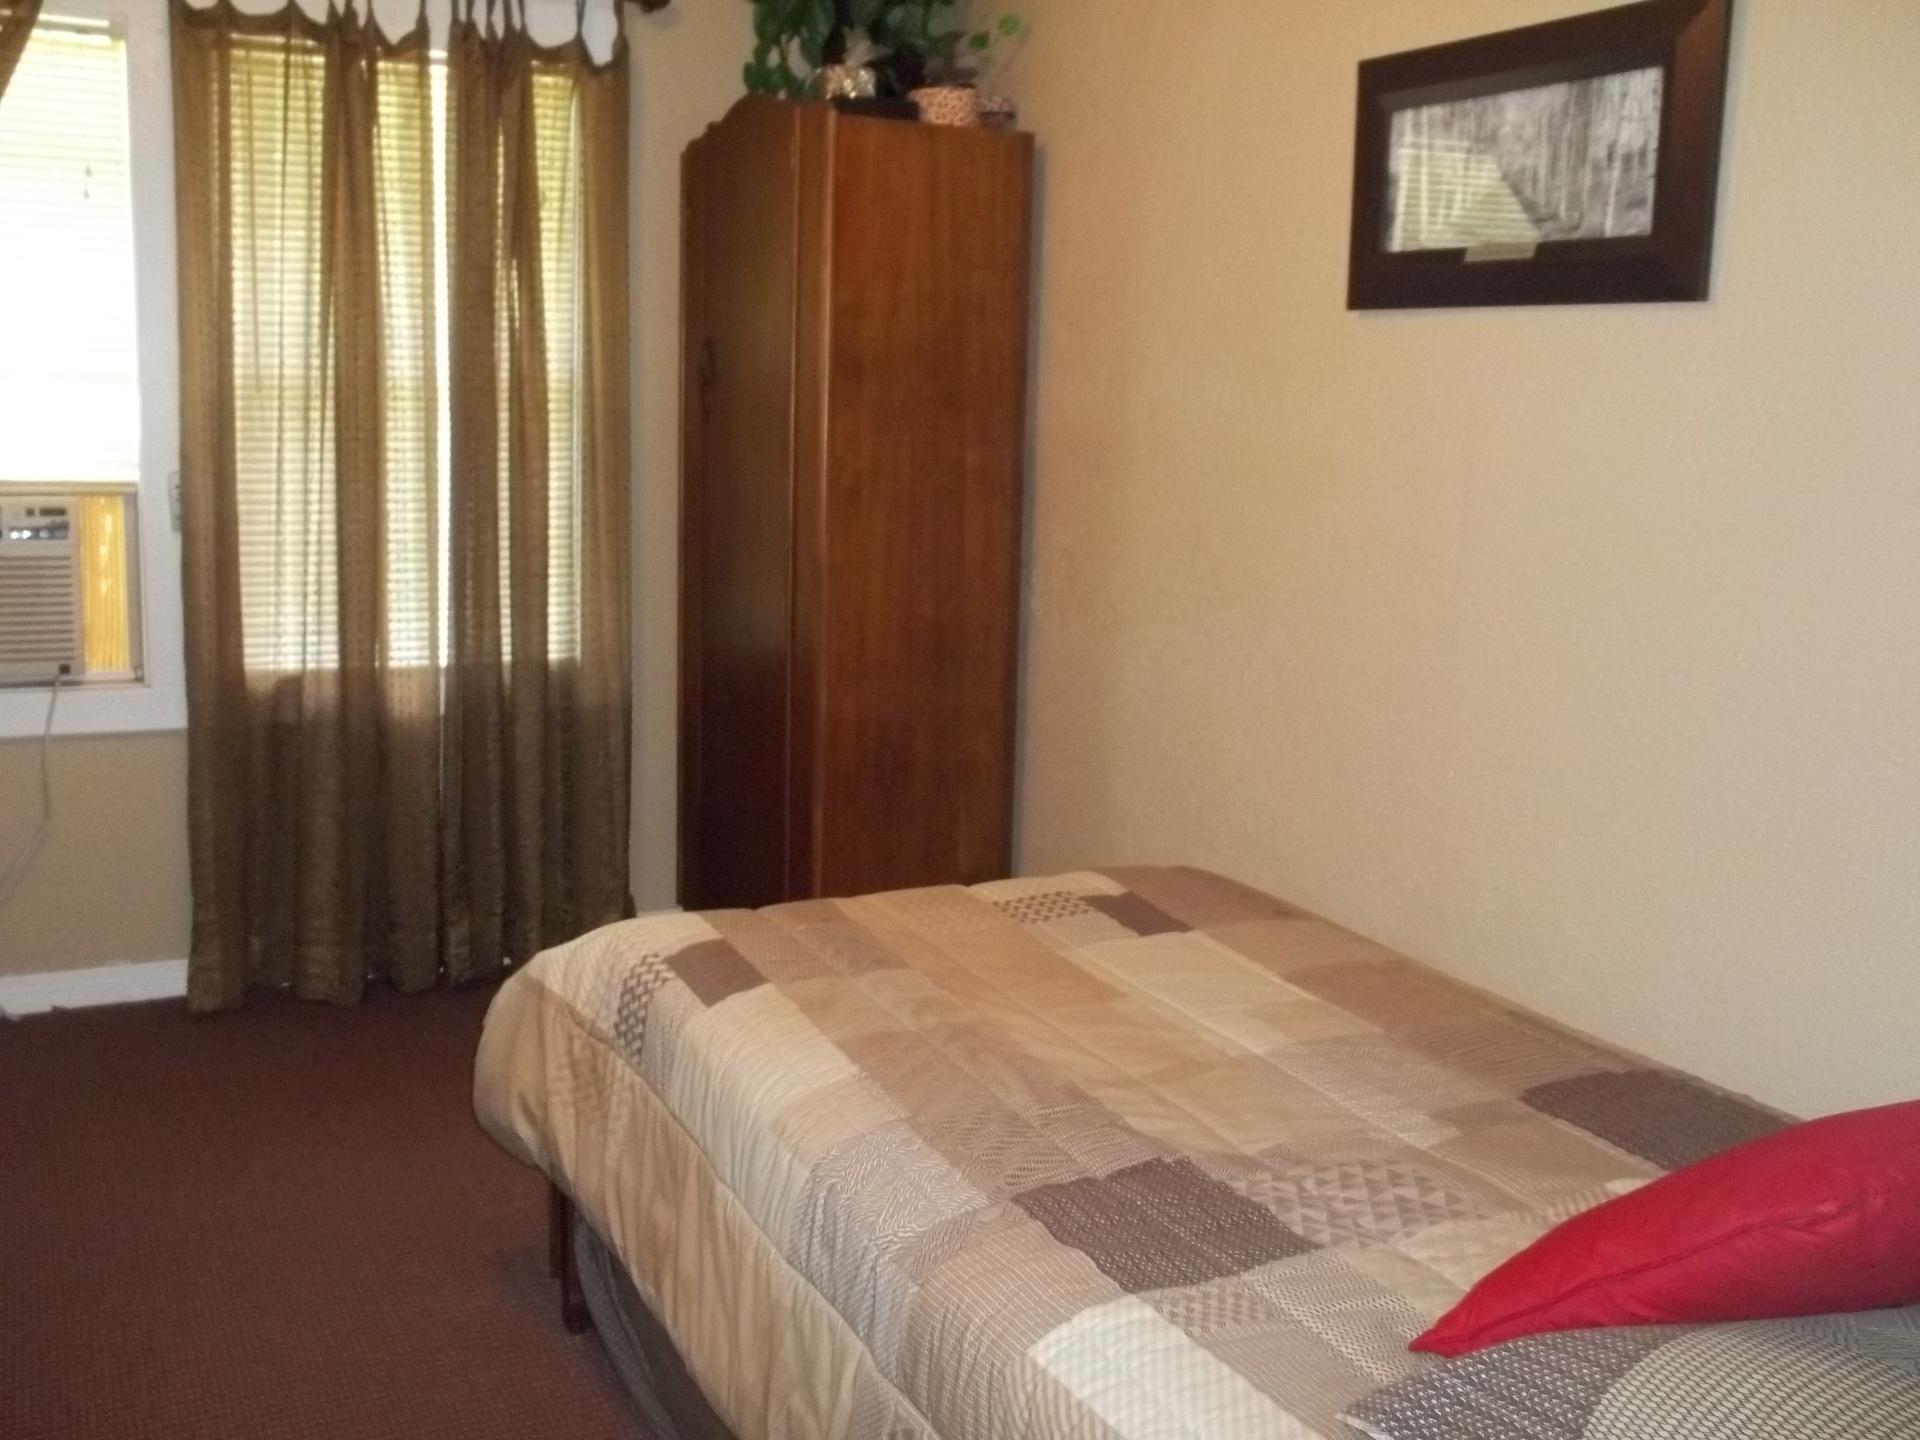 Bedroom in dormitory